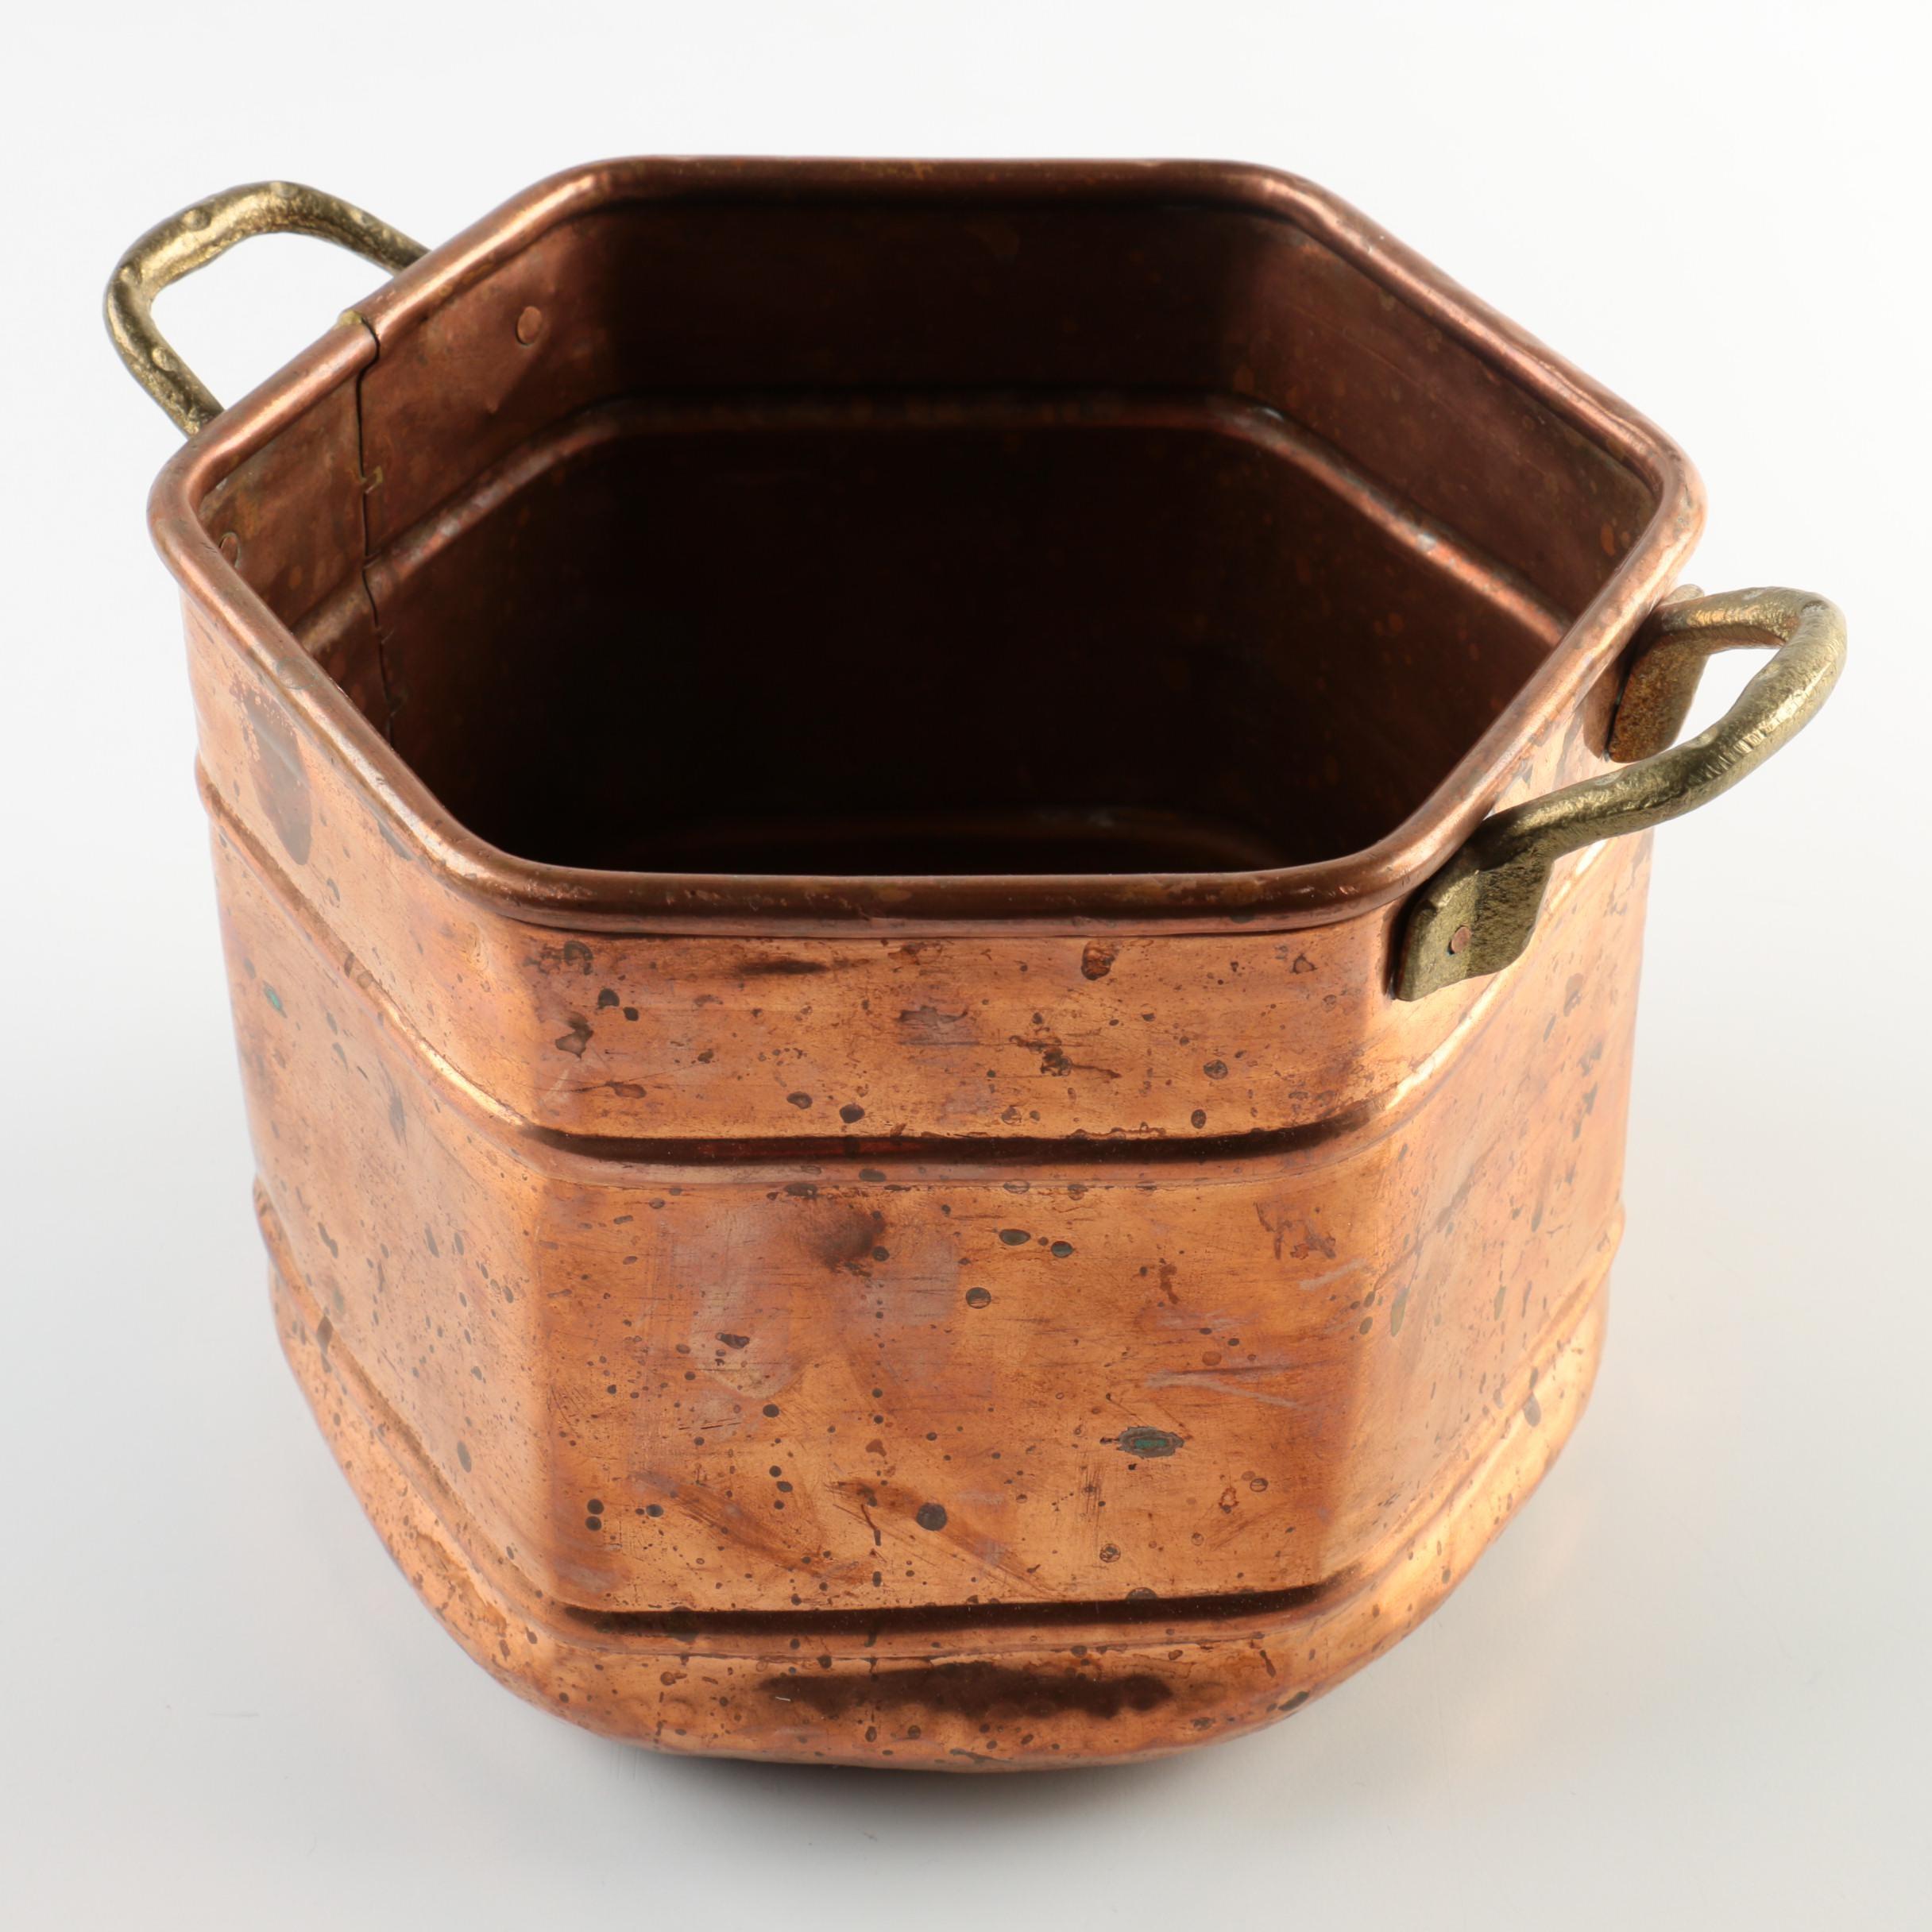 Hexagonal Copper Pot